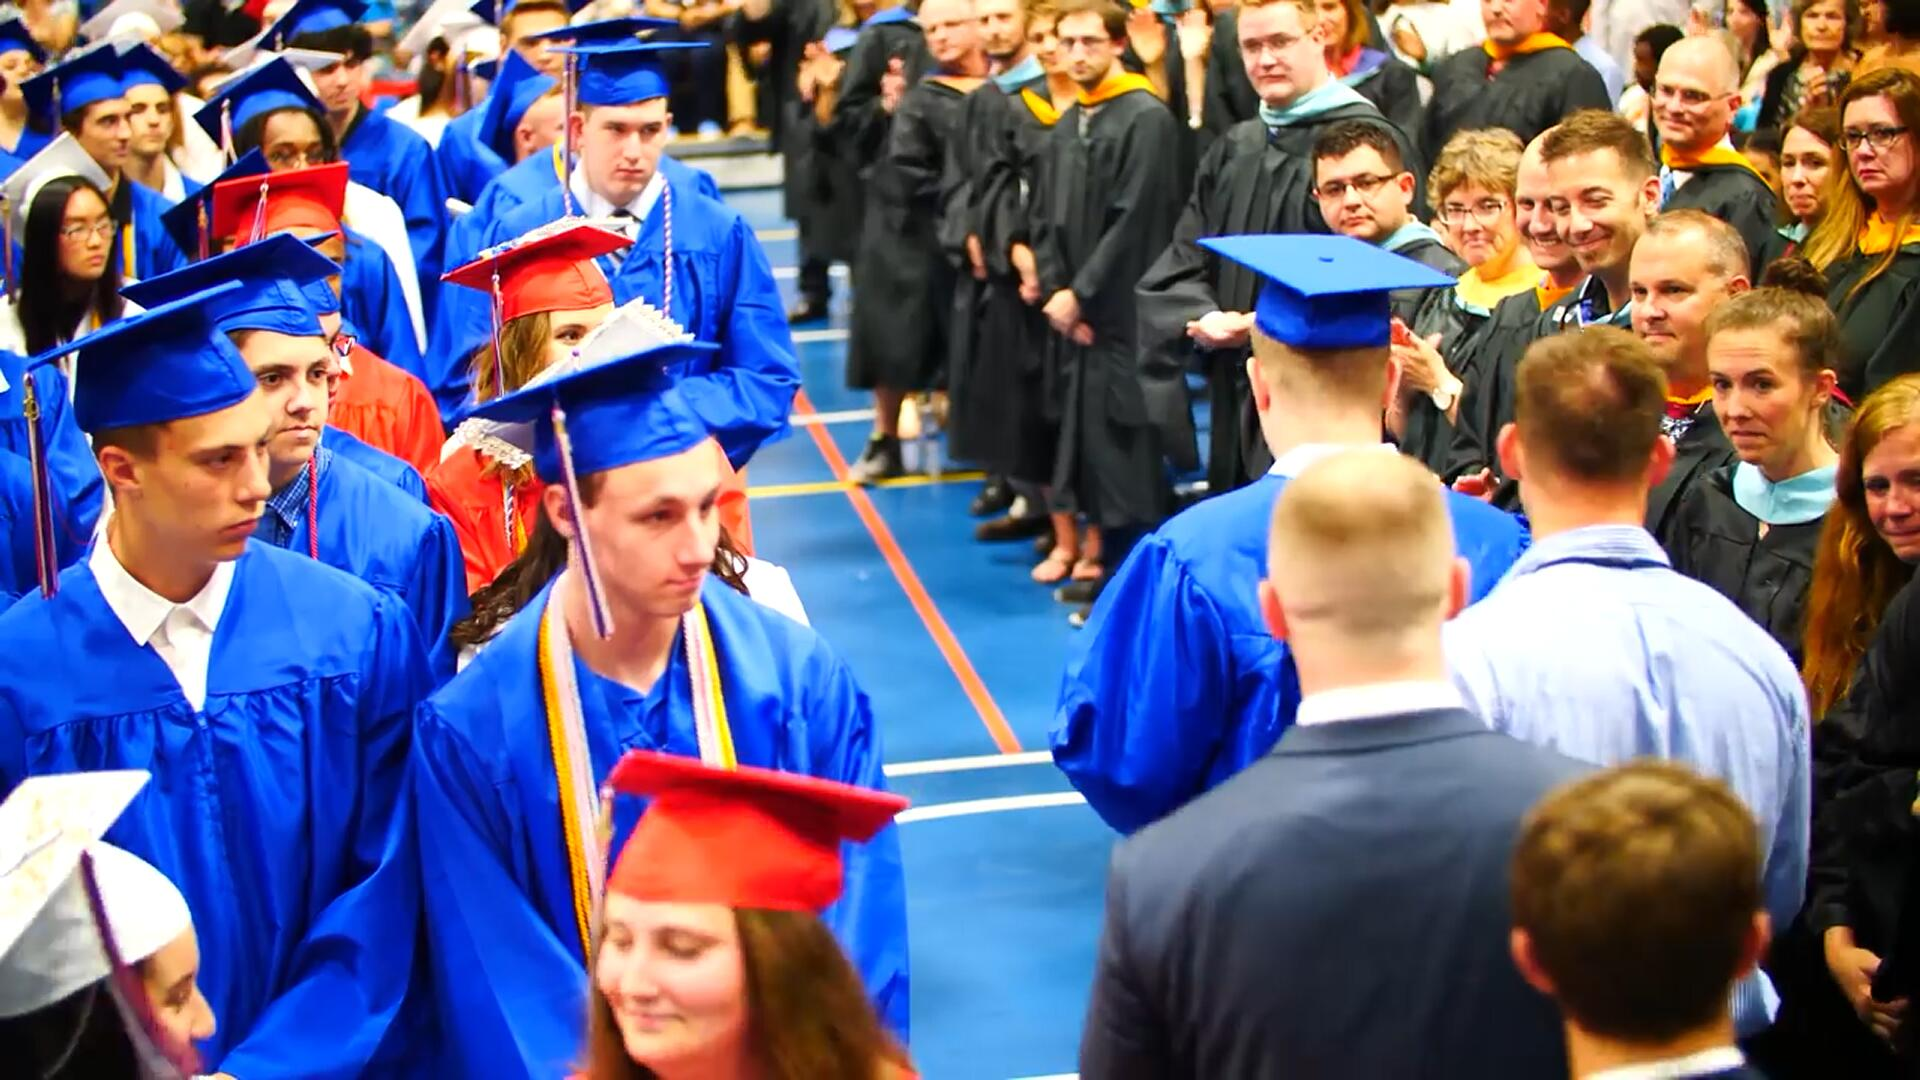 自闭症学生参加毕业典礼 台下同学做出感人举动